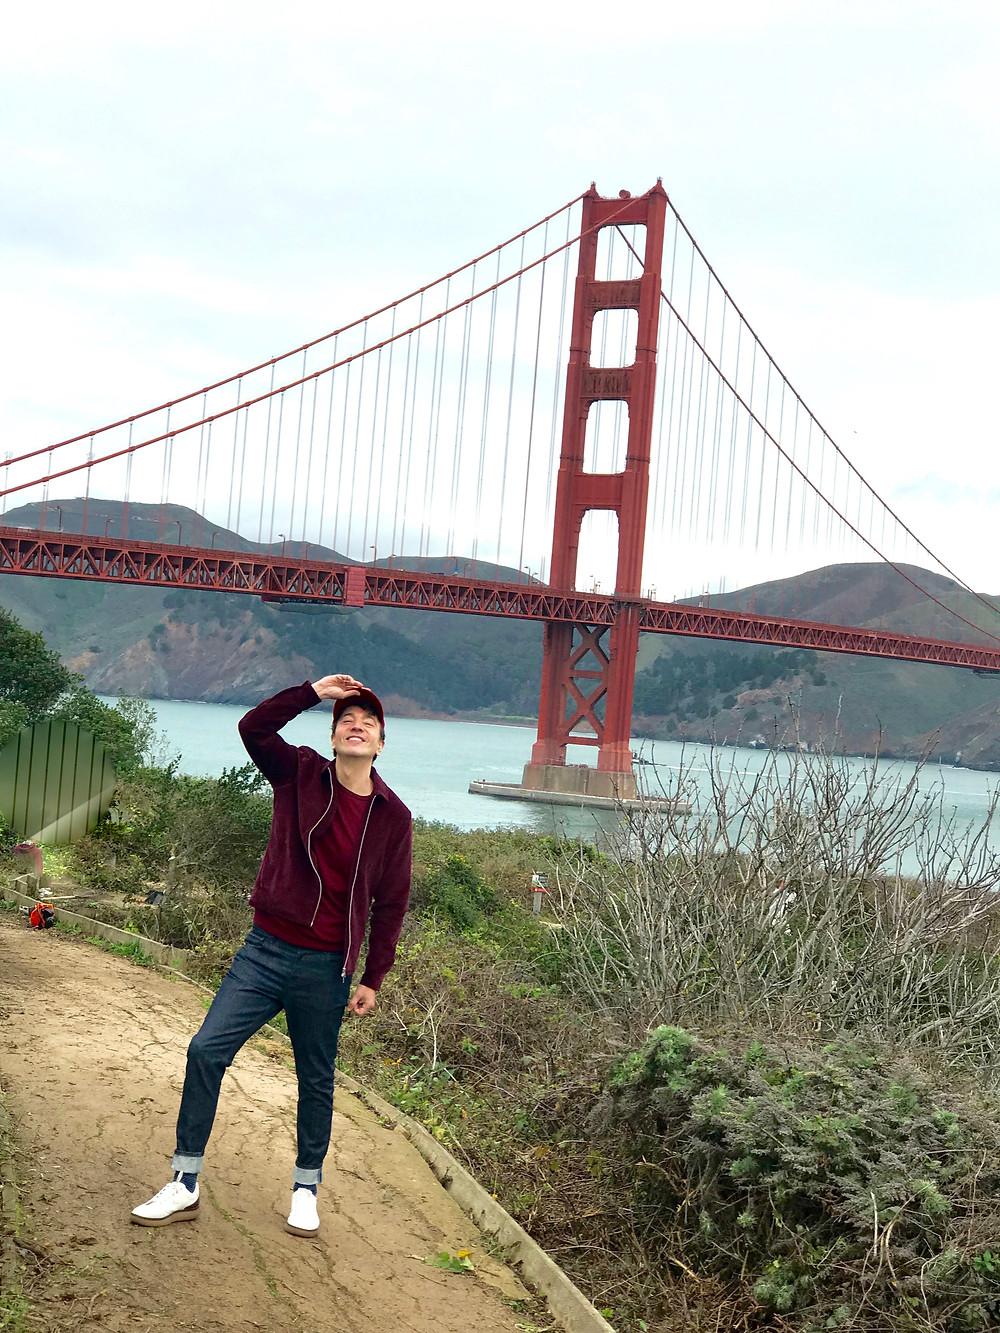 The trendy Man en San Francisco, California